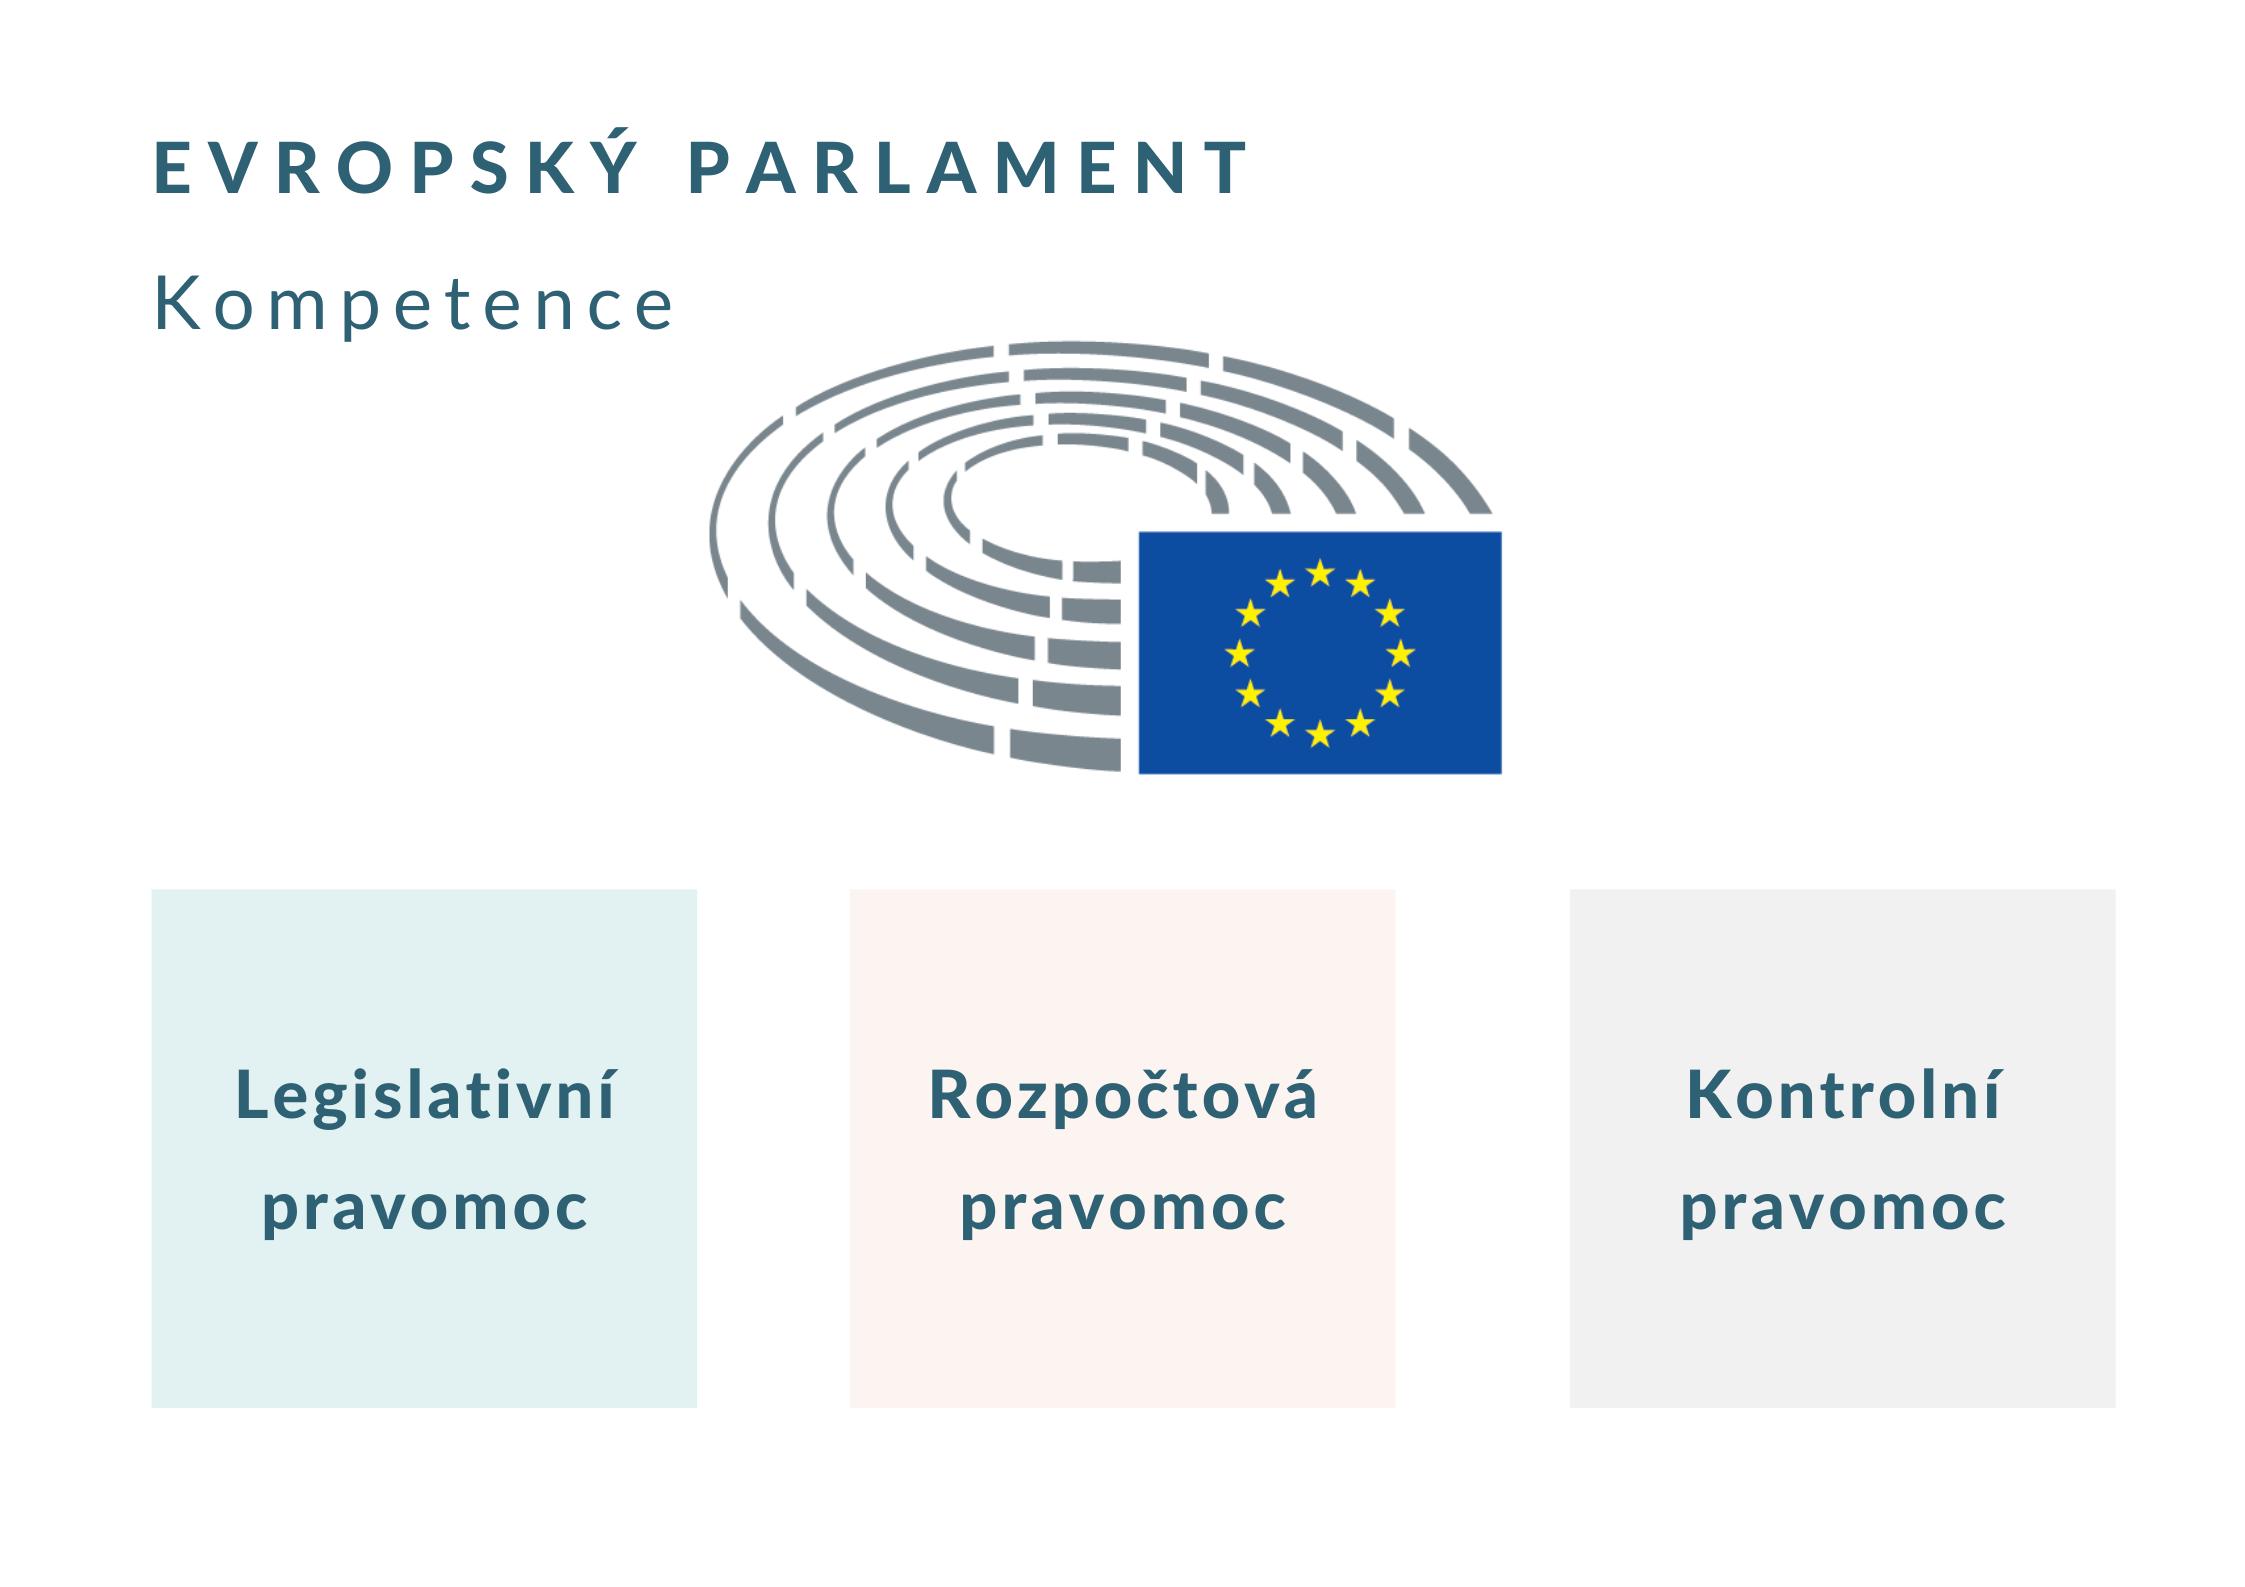 Oblasti kompetencí Evropského parlamentu